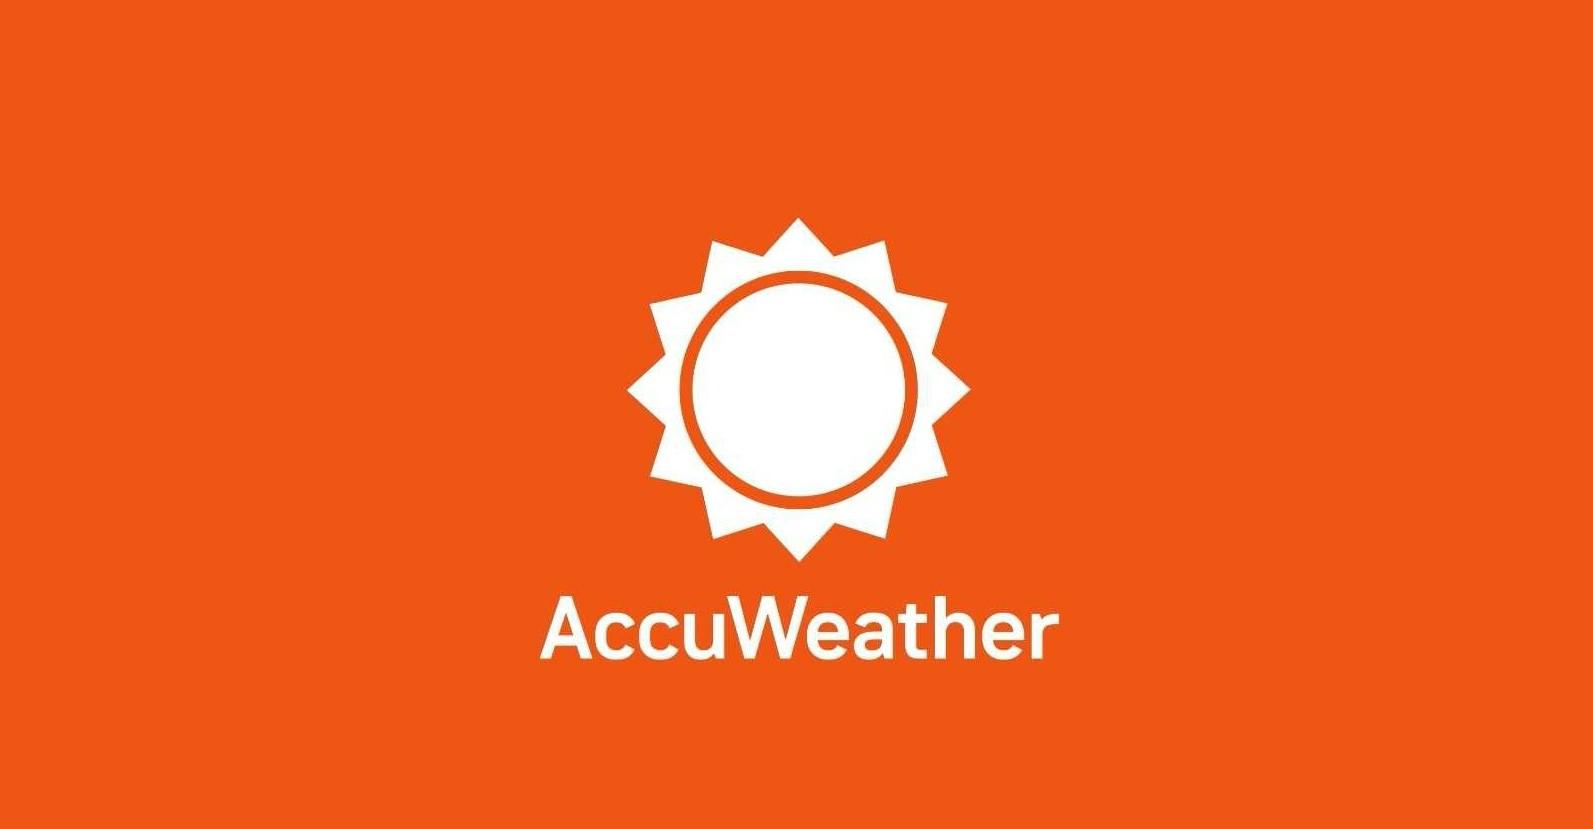 AccuWeather přináší nové uživatelské rozhraní, chce se stát jedničkou